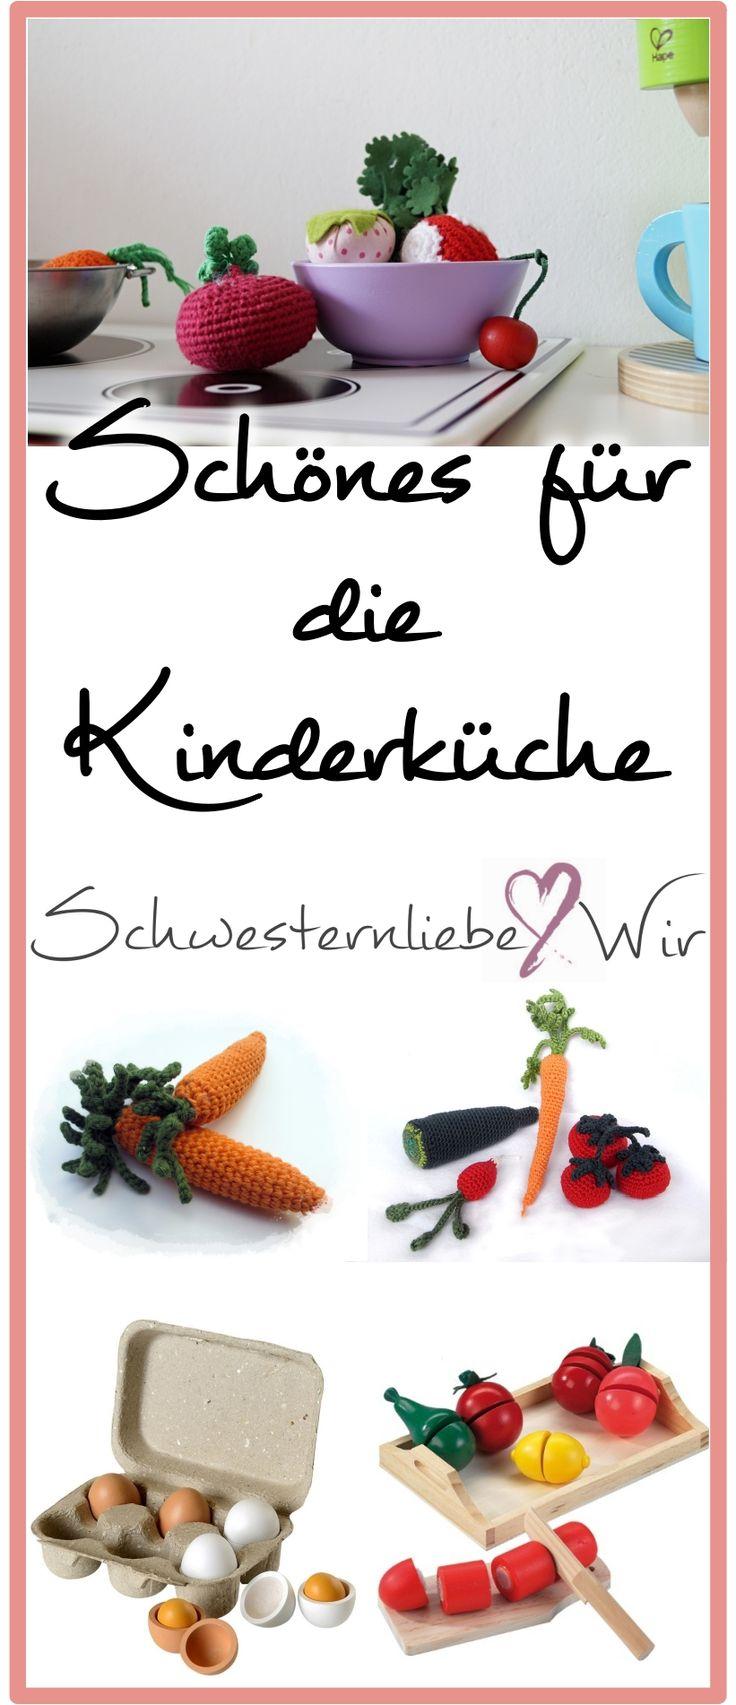 """Eines der liebsten Spielzeuge meiner Mädels ist eindeutig die Kinderküche. Vor allem unsere Mittlere liebt es momentan uns Essen zu """"reservieren"""". Meine liebstes Kinderküchen-Zubehör gibt es jetzt am Blog:  https://schwesternliebeundwir.de/kinderzimmer-schoenes-fuer-die-kinderkueche/  #kinderküche #häkeln #holz #holzspielzeug #kinderküchenzubehör #töpfe #gemüse #obst"""